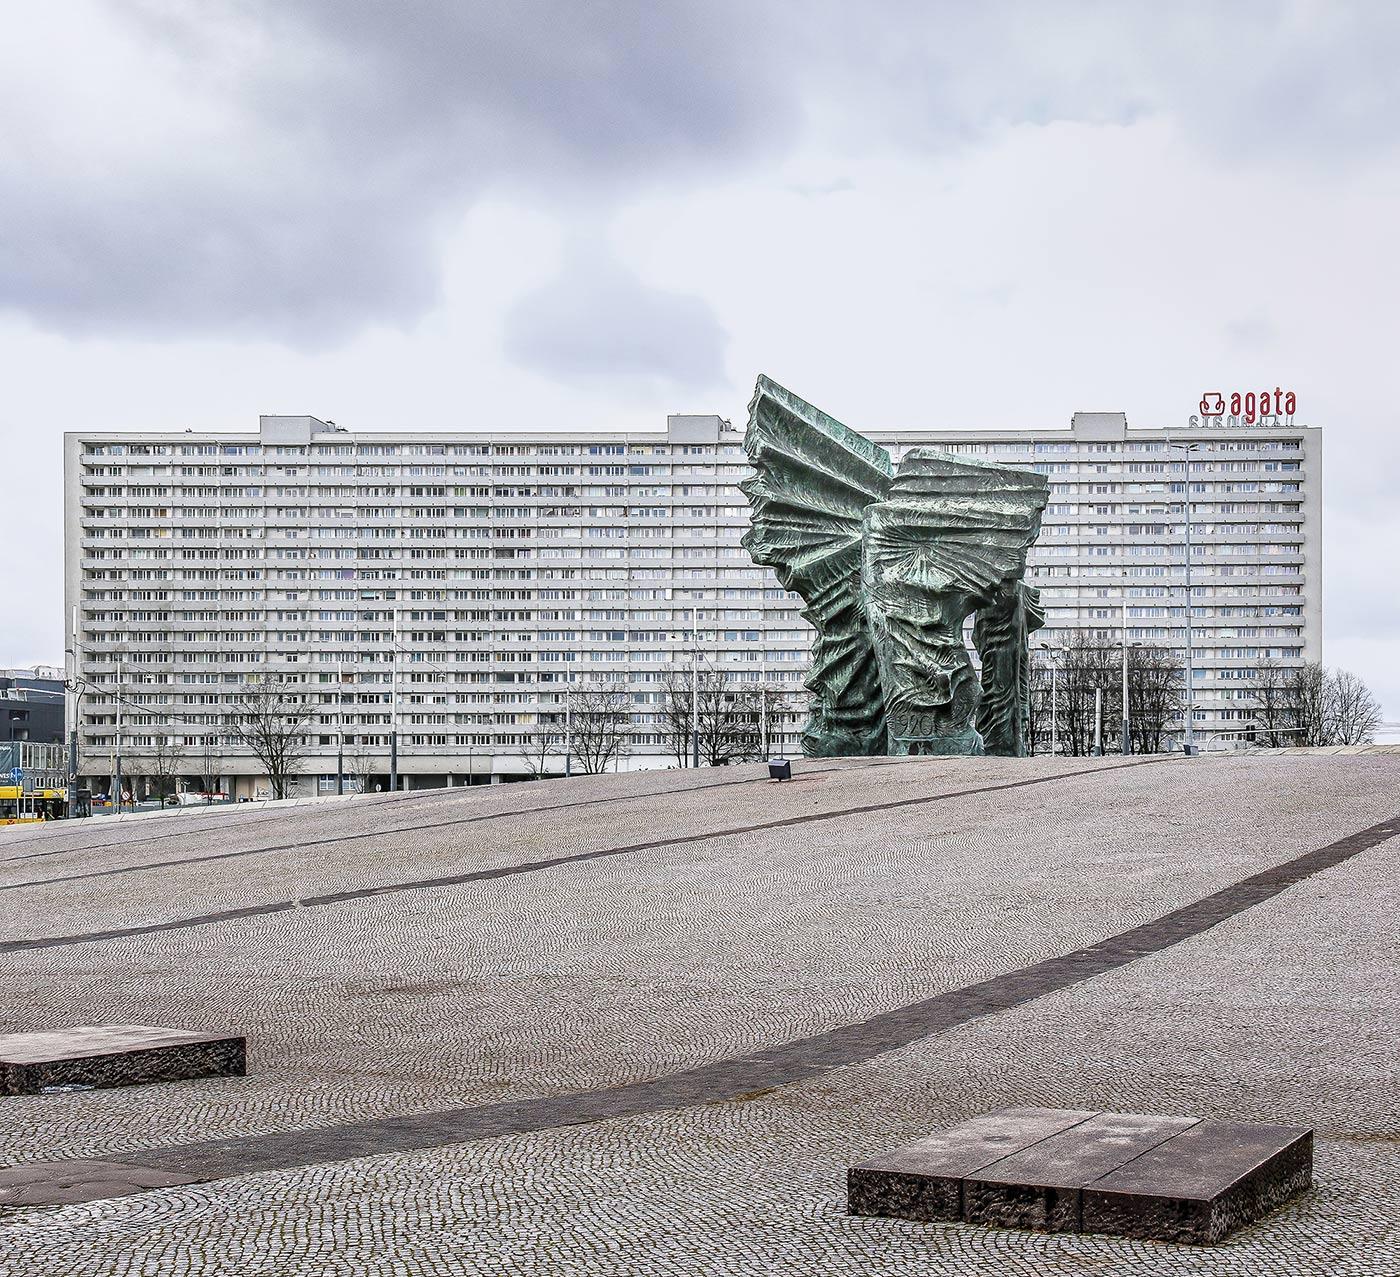 Superjednostka in Katowice